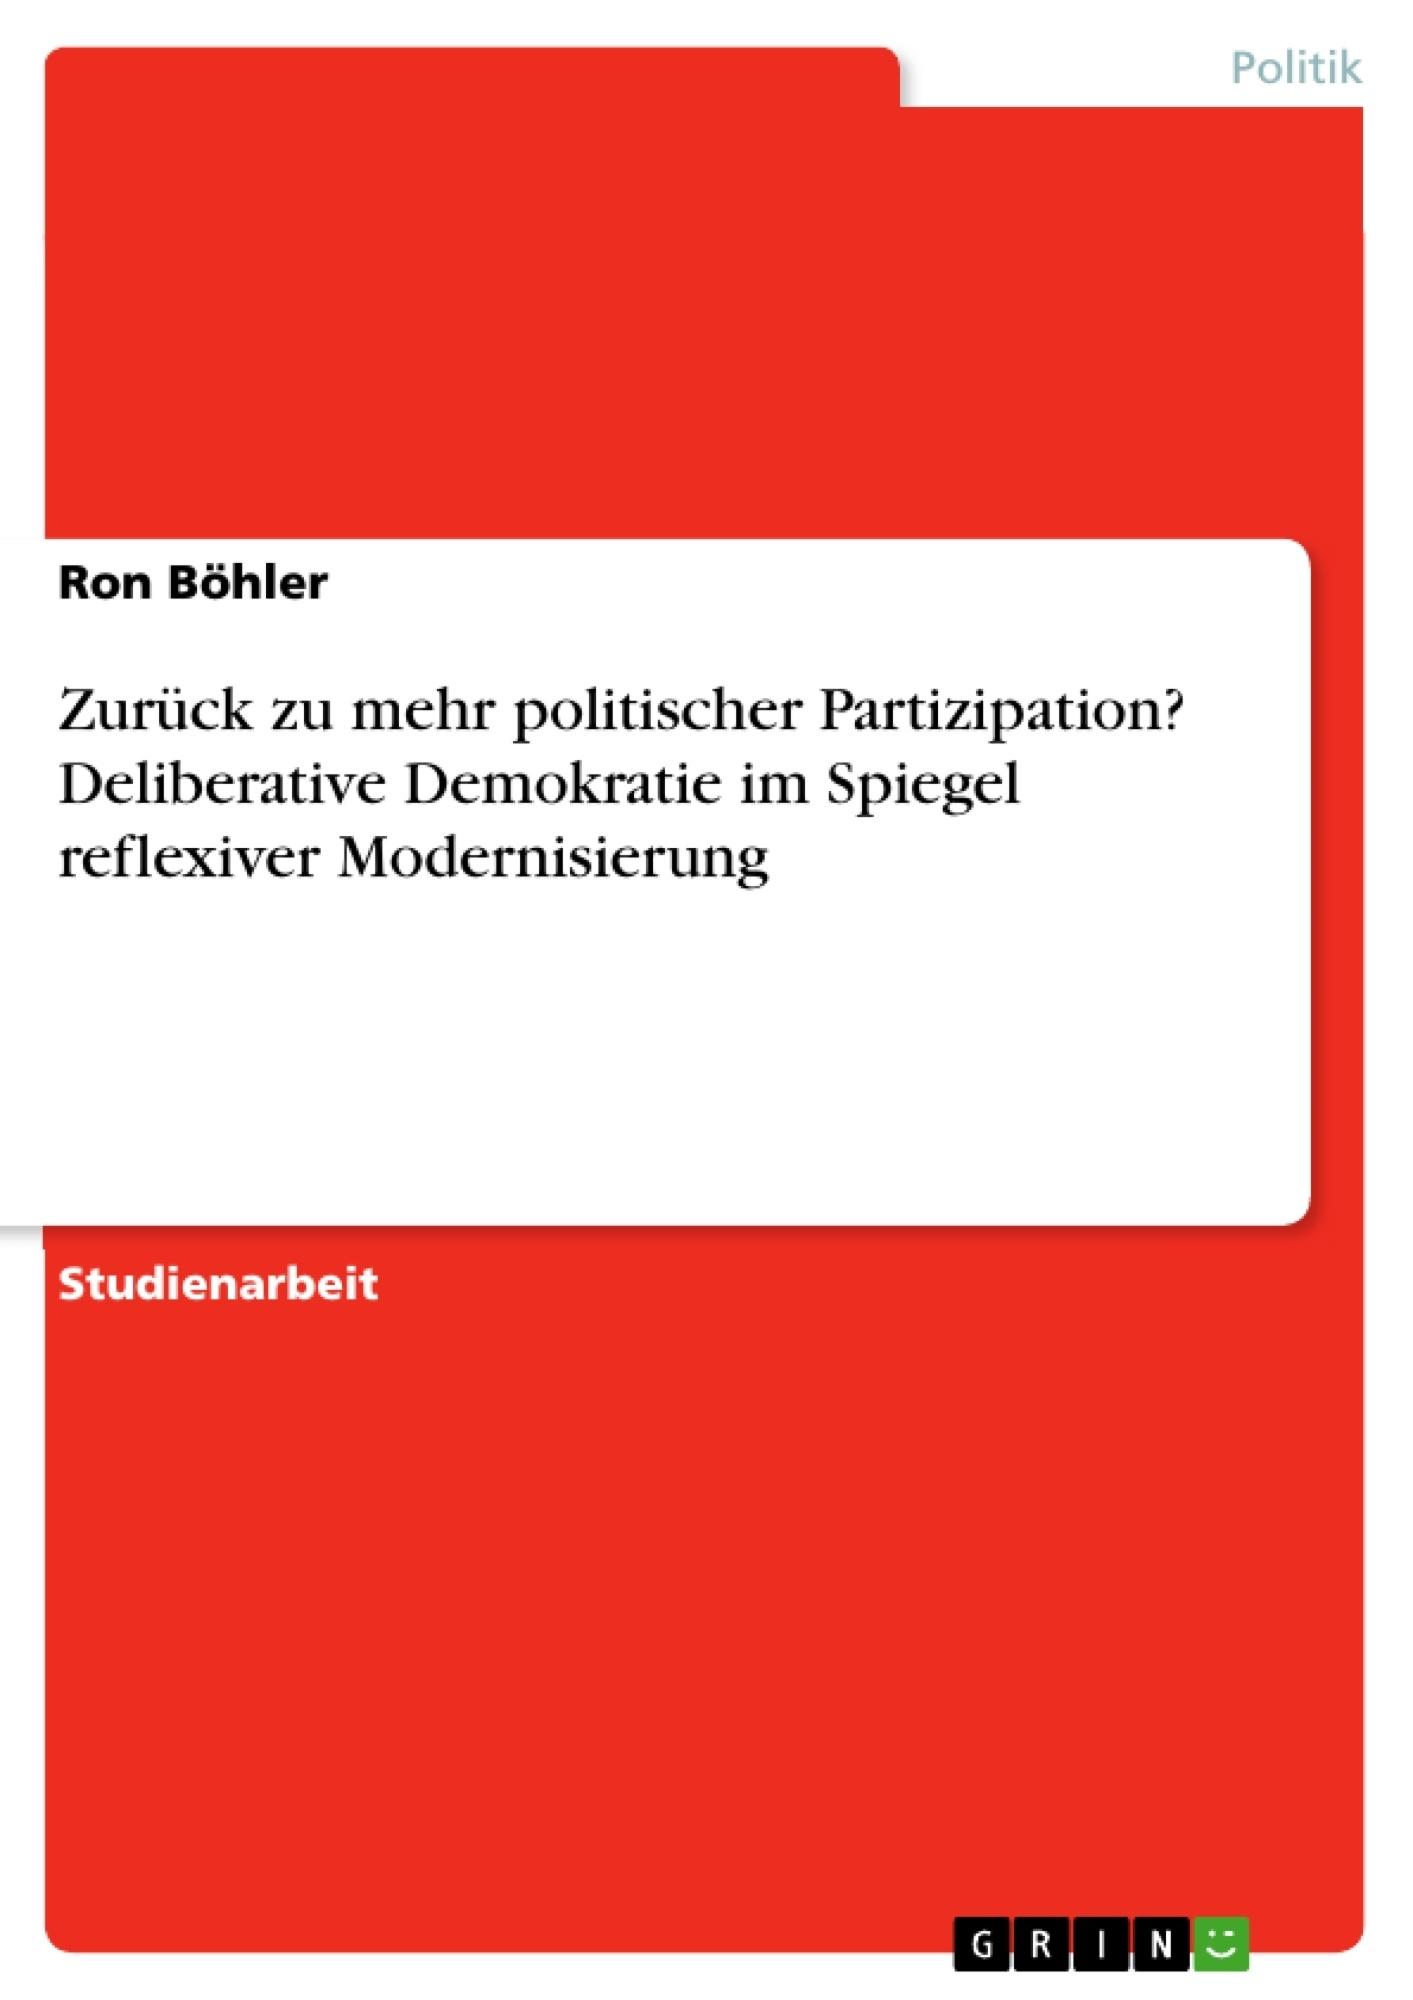 Titel: Zurück zu mehr politischer Partizipation? Deliberative Demokratie im Spiegel reflexiver Modernisierung